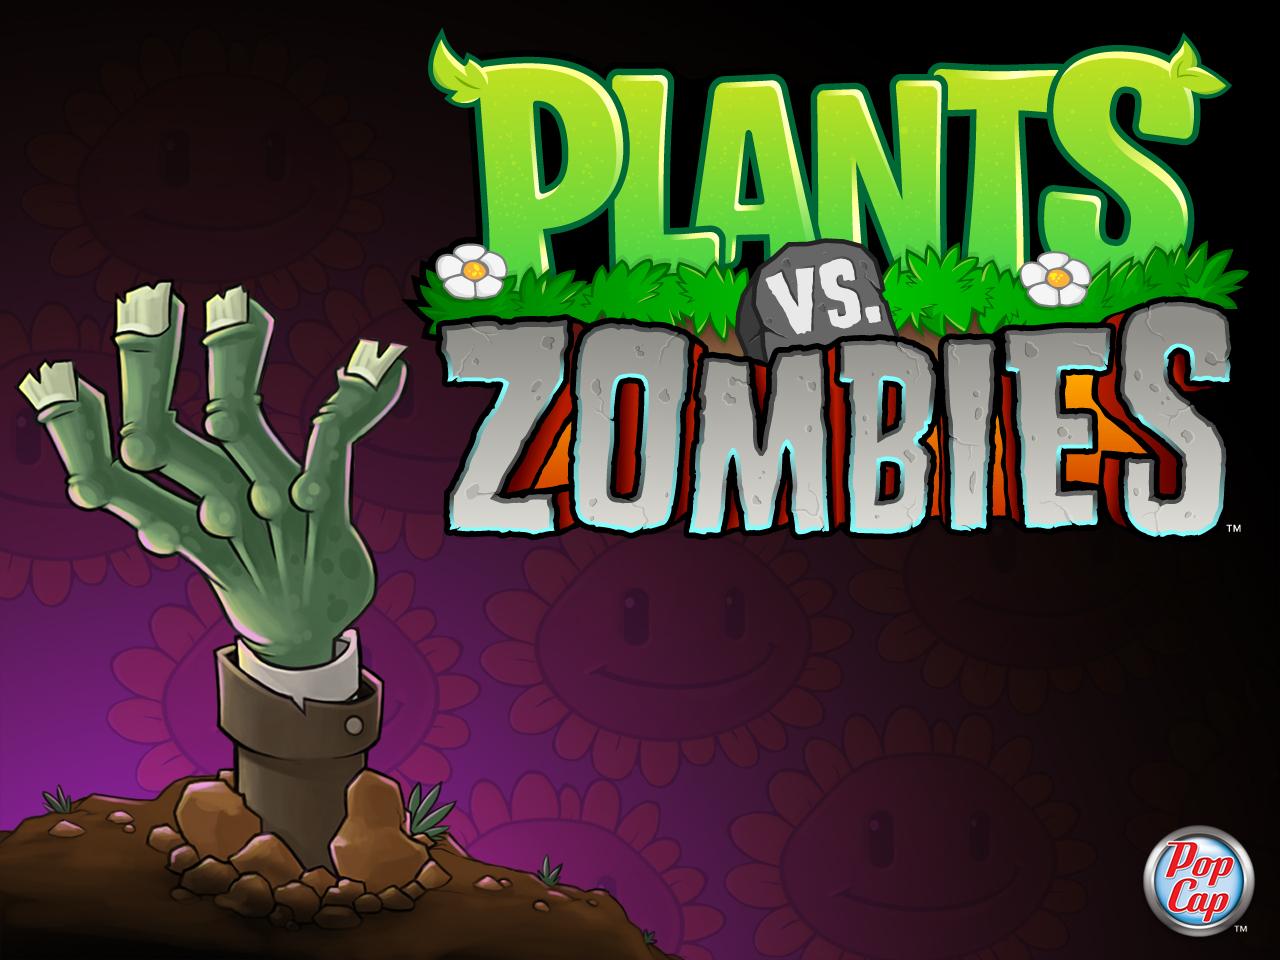 http://2.bp.blogspot.com/-BgGbJHclYI0/UGJSxtUPTLI/AAAAAAAAASY/y7RHCSpDgrg/s1600/Plant+vs.+Zombies.jpg